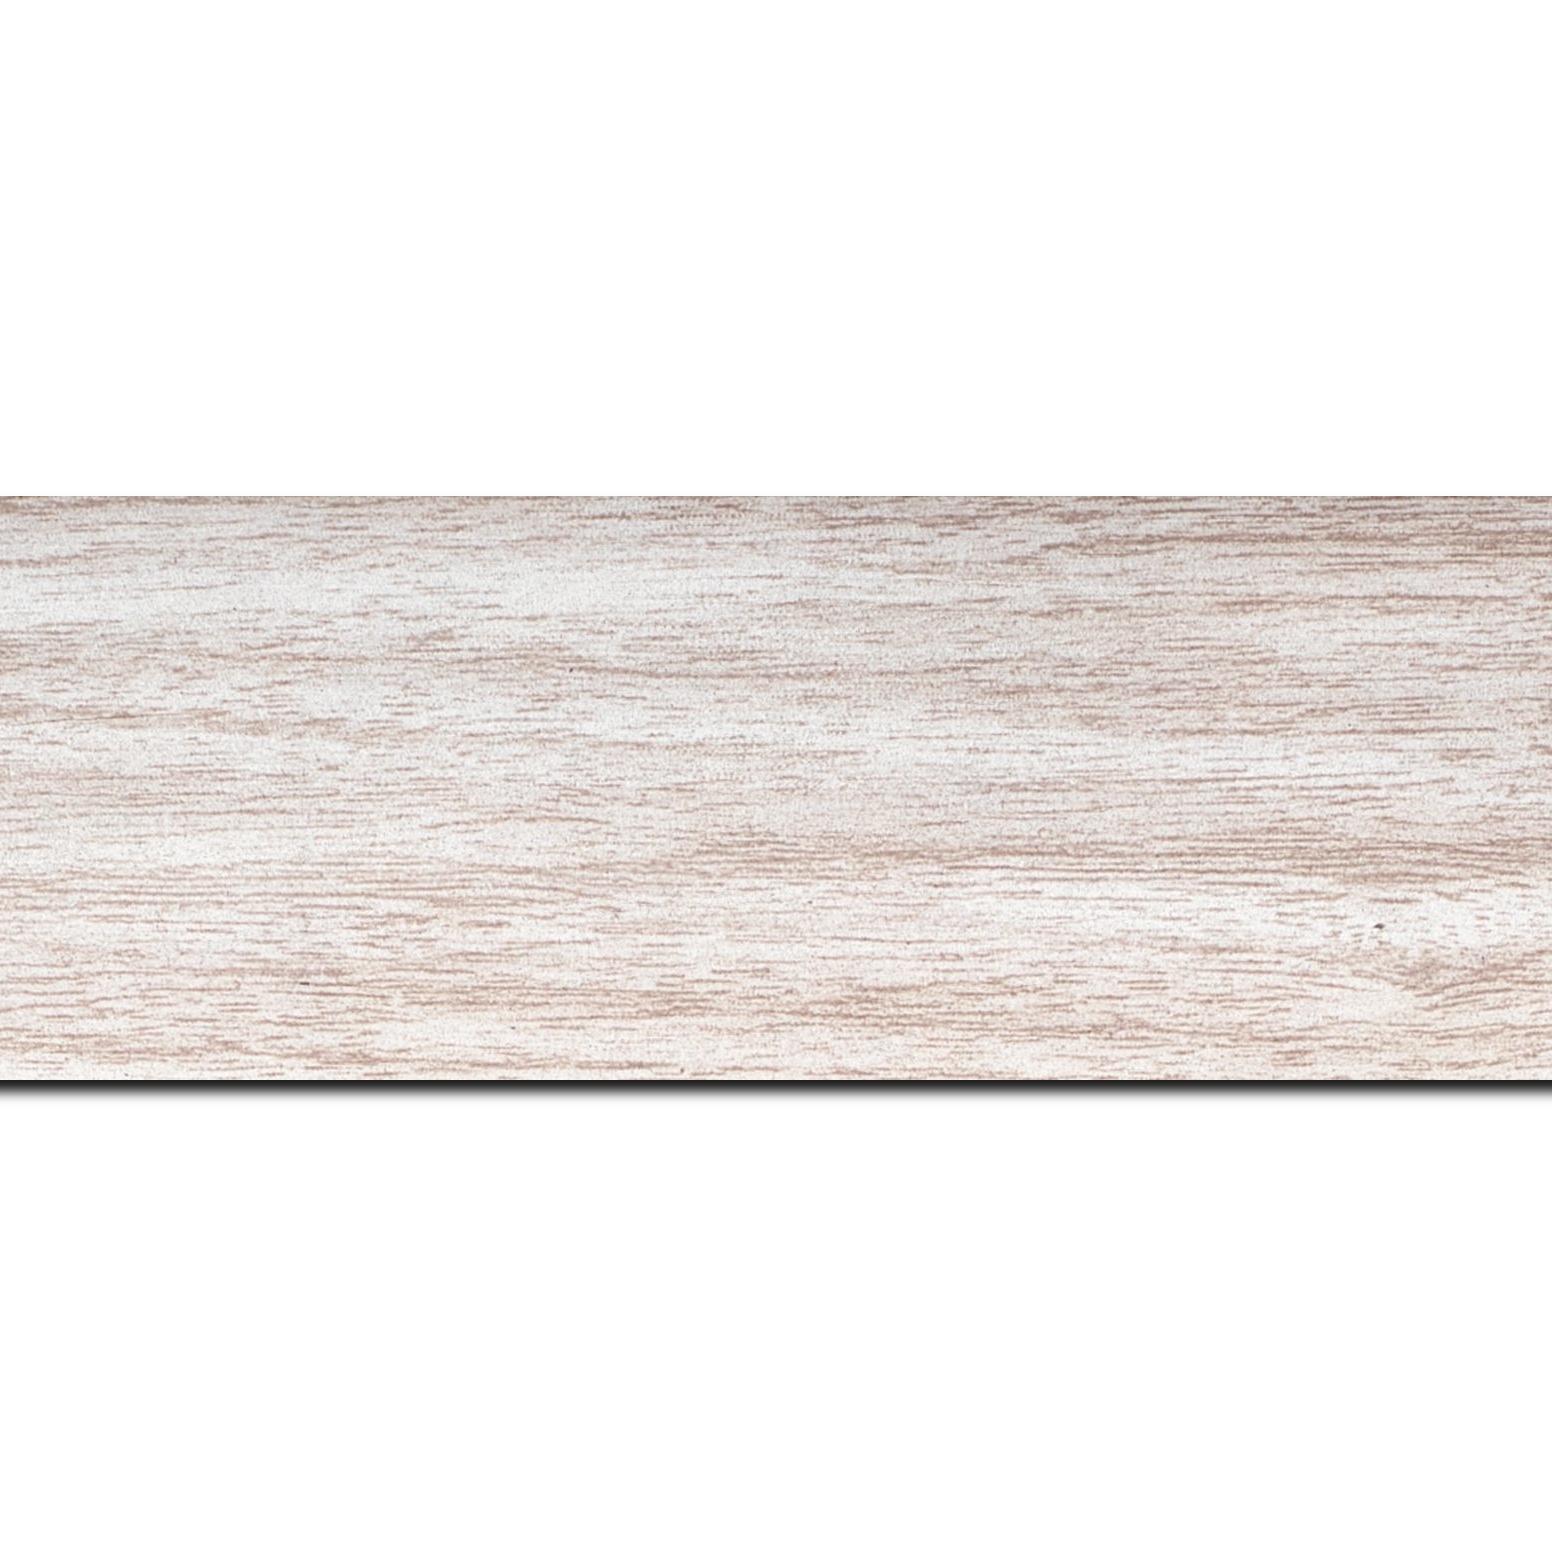 Baguette longueur 1.40m bois profil plat largeur 6cm blanc satiné effet veiné ,chant extérieur du cadre de couleur noire